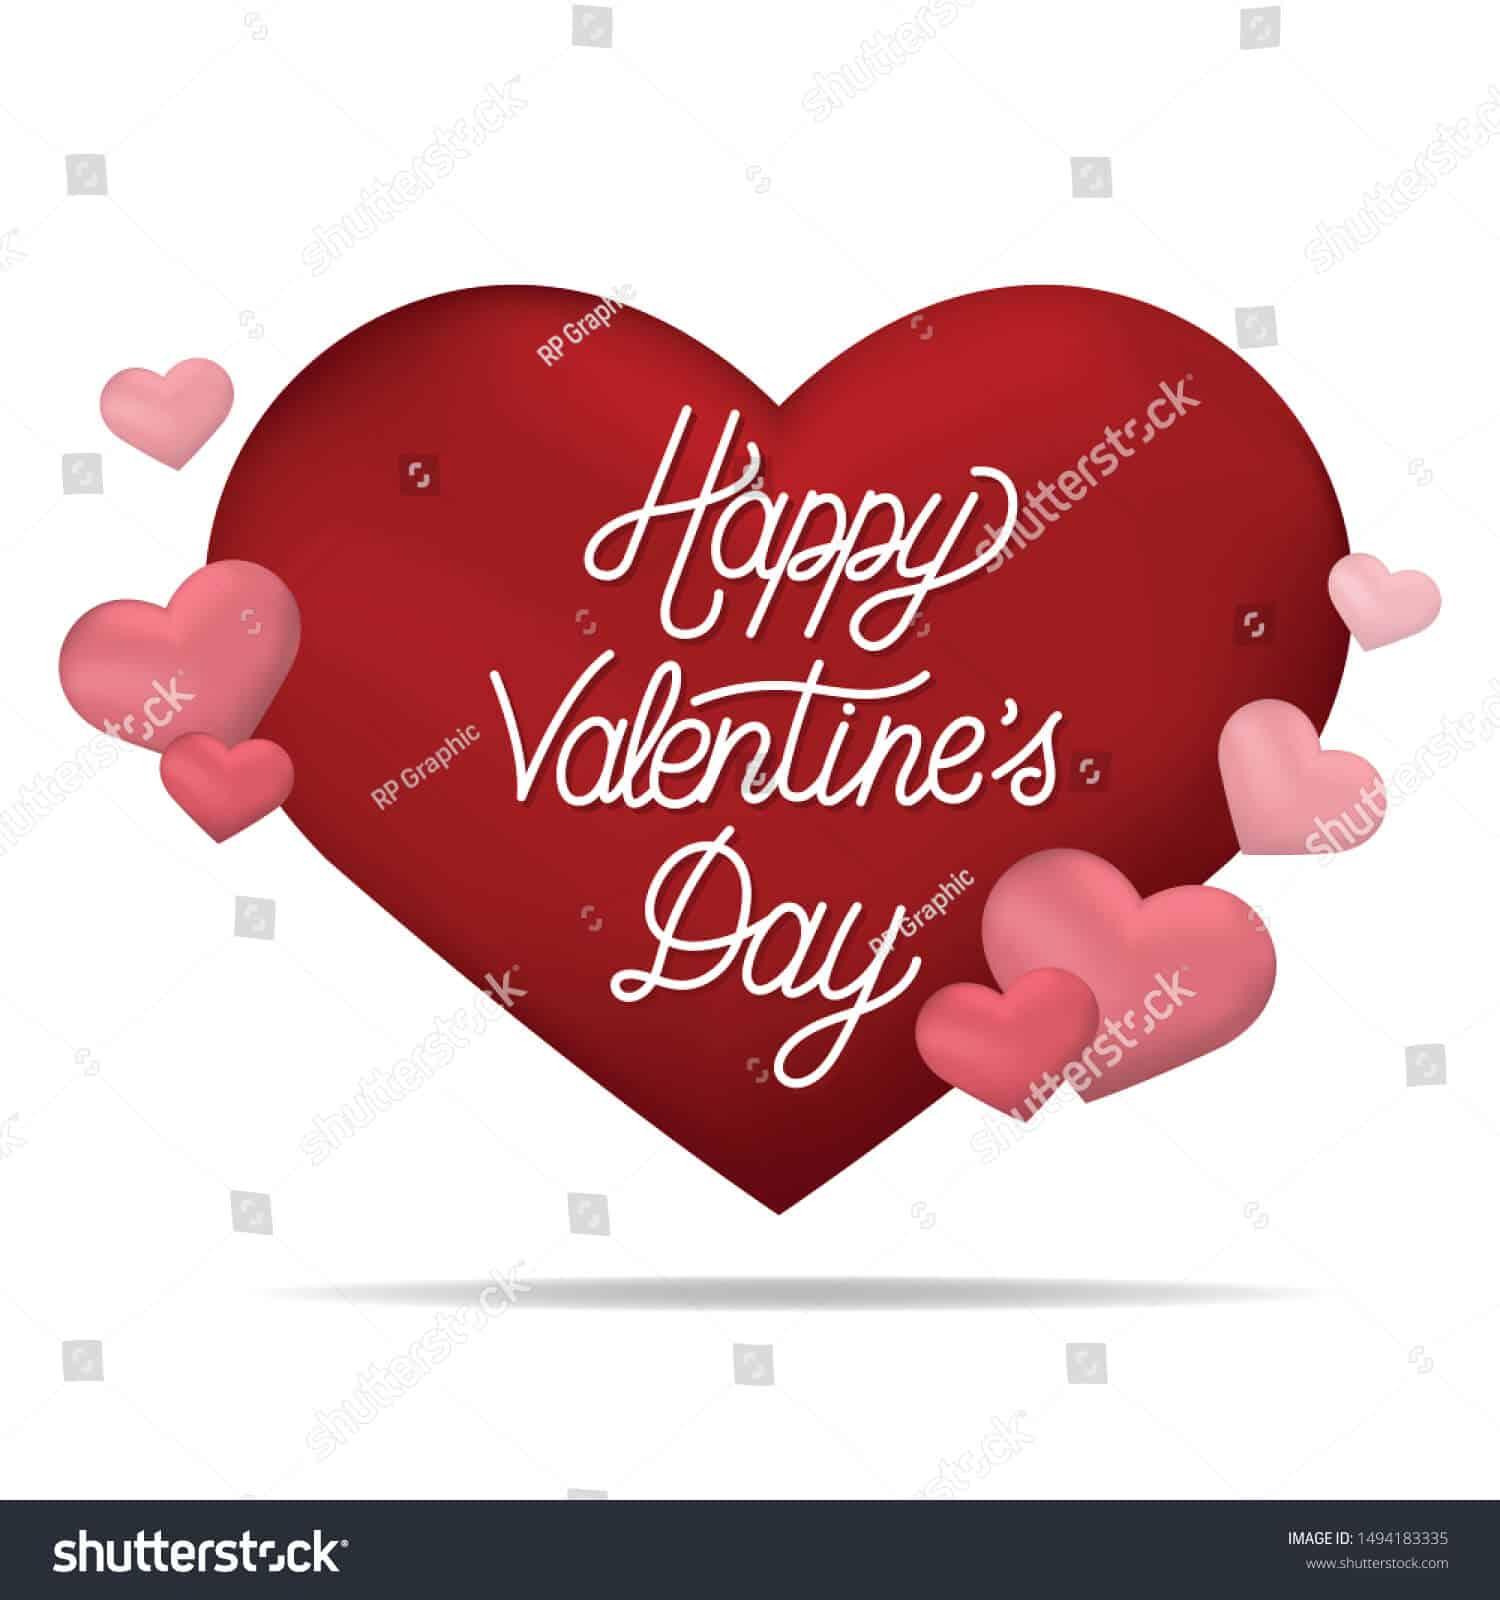 6 triệu hình ảnh Valentine lãng mạn chất lượng cao dành cho thiết kế in ấn